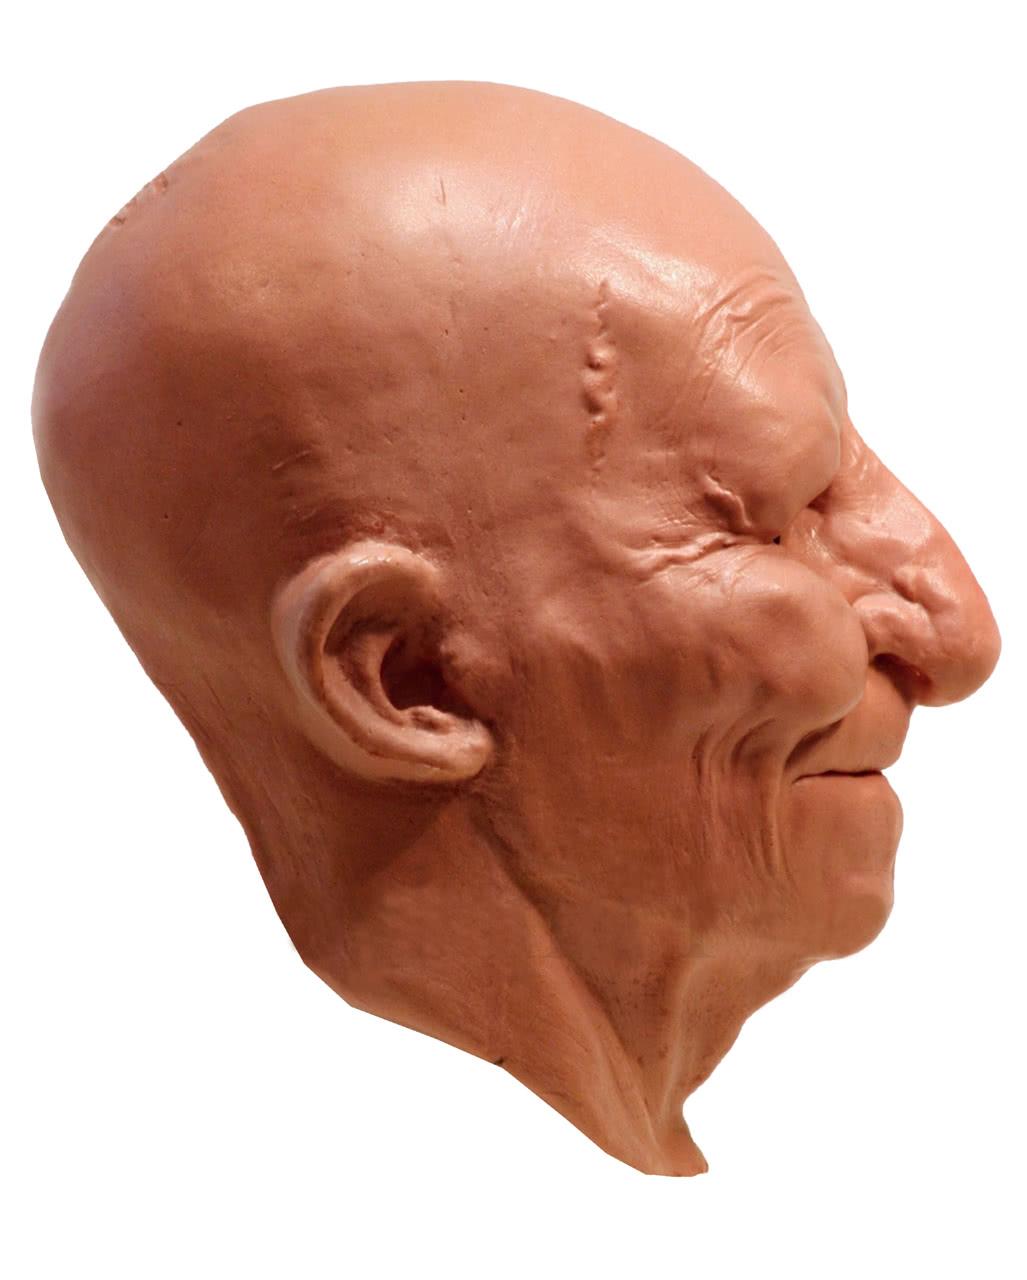 opa maske aus schaumlatex gro vater maske alter mann opi horror. Black Bedroom Furniture Sets. Home Design Ideas